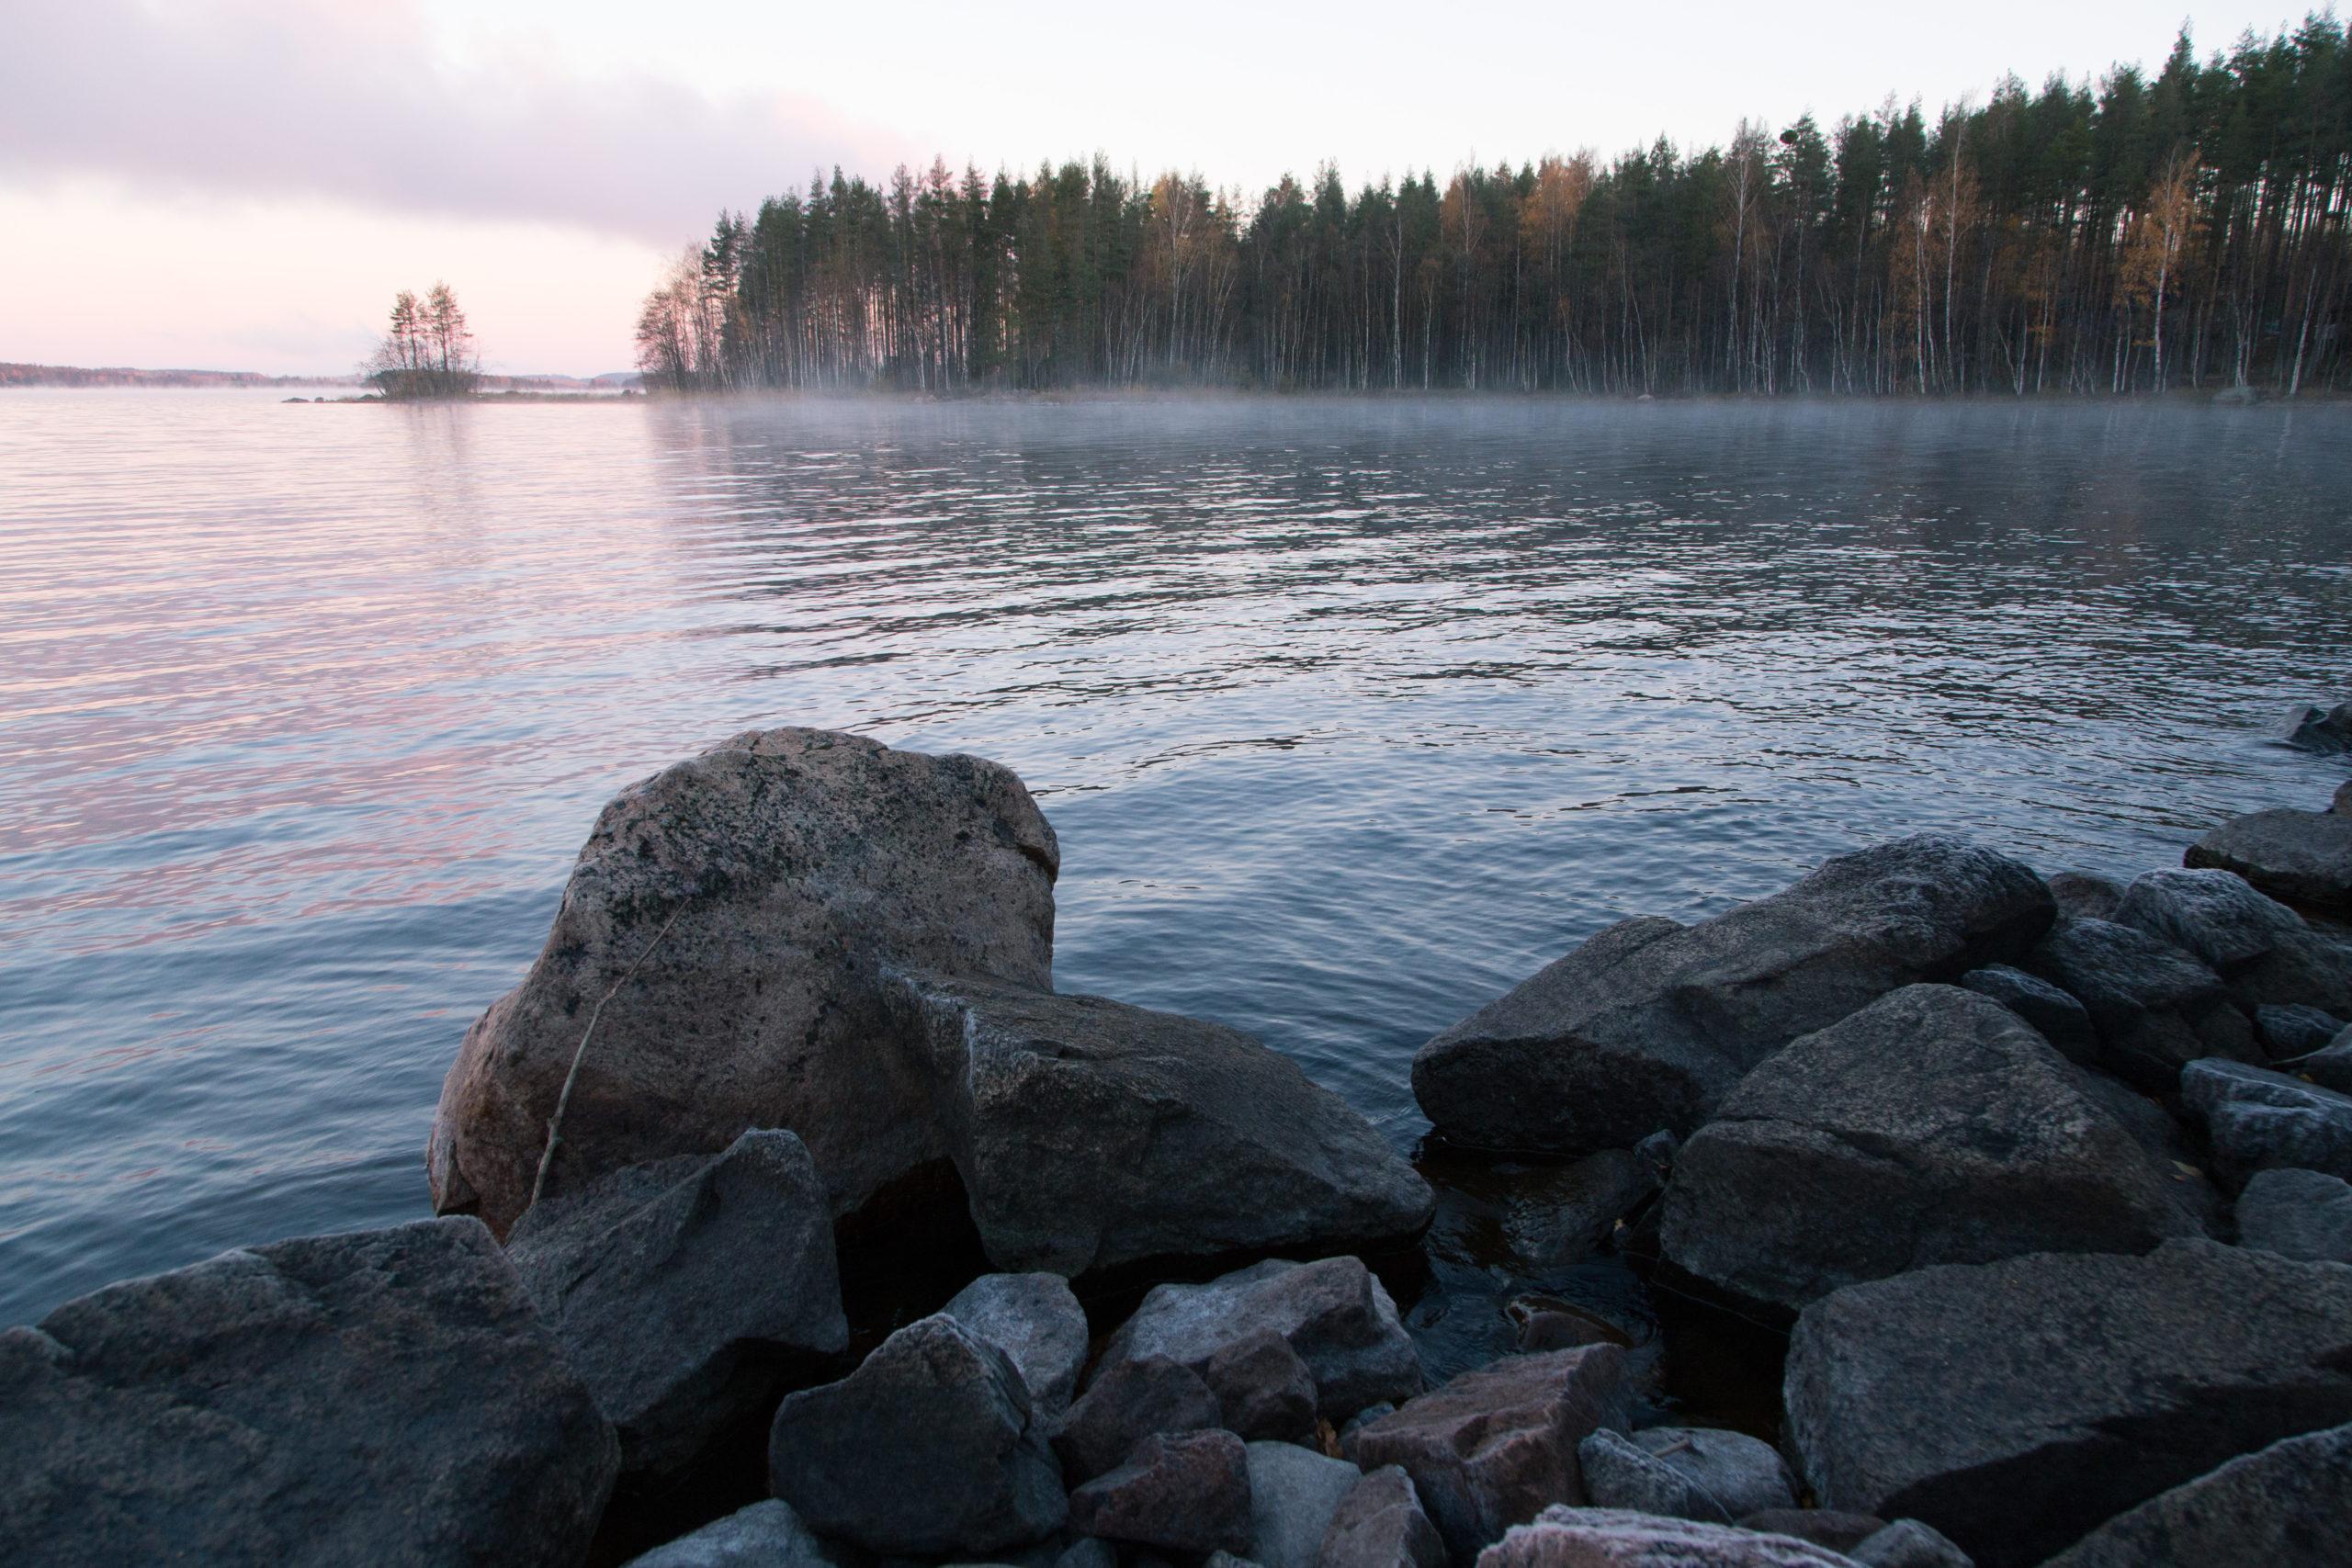 Huurteisia rantakiviä järven rannalla myöhään syksyllä